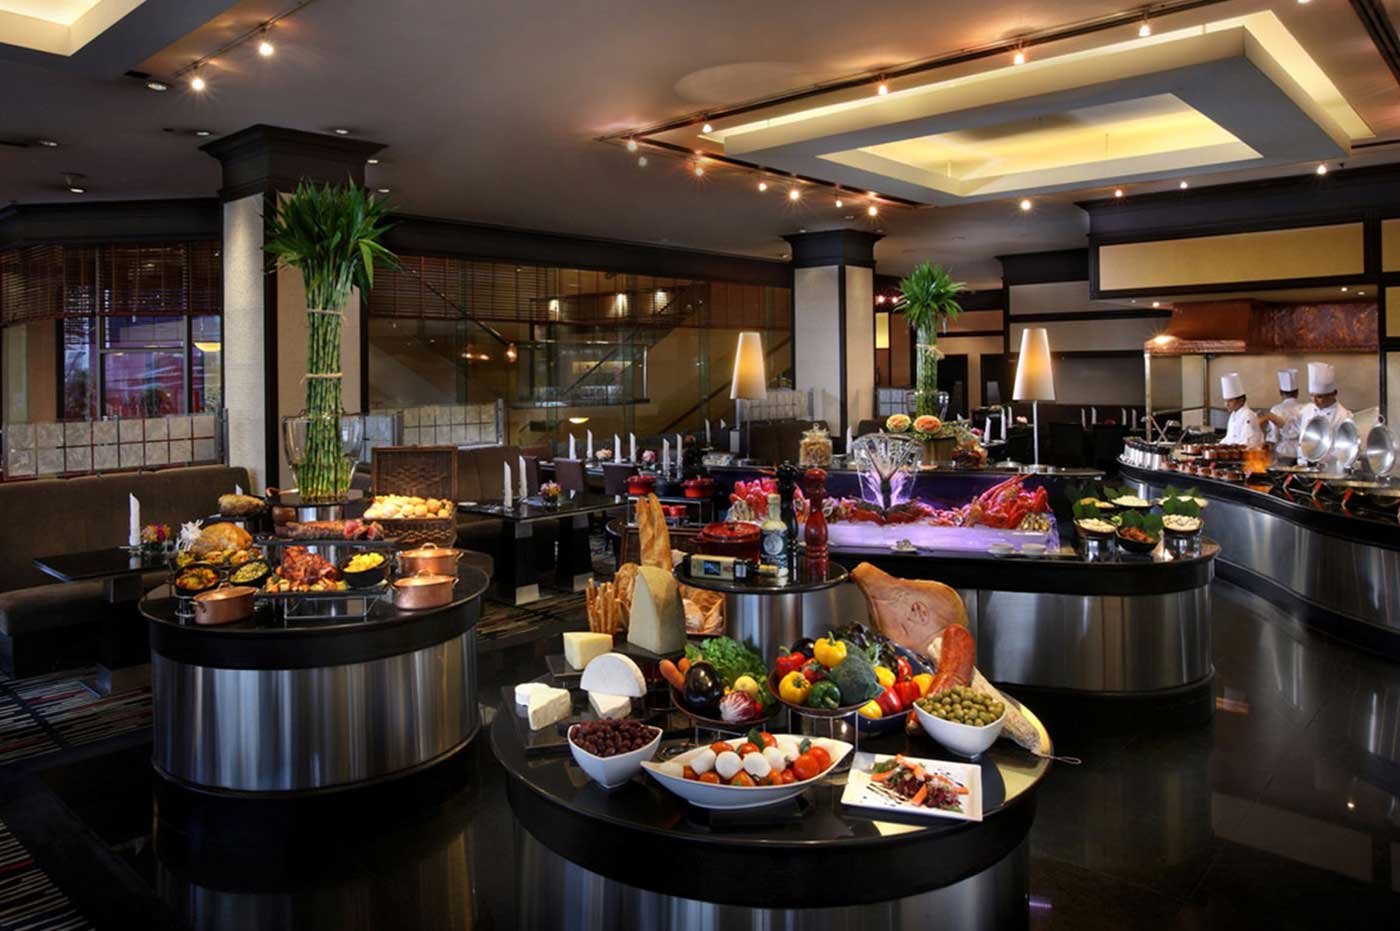 افضل 10 مطاعم في الطائف